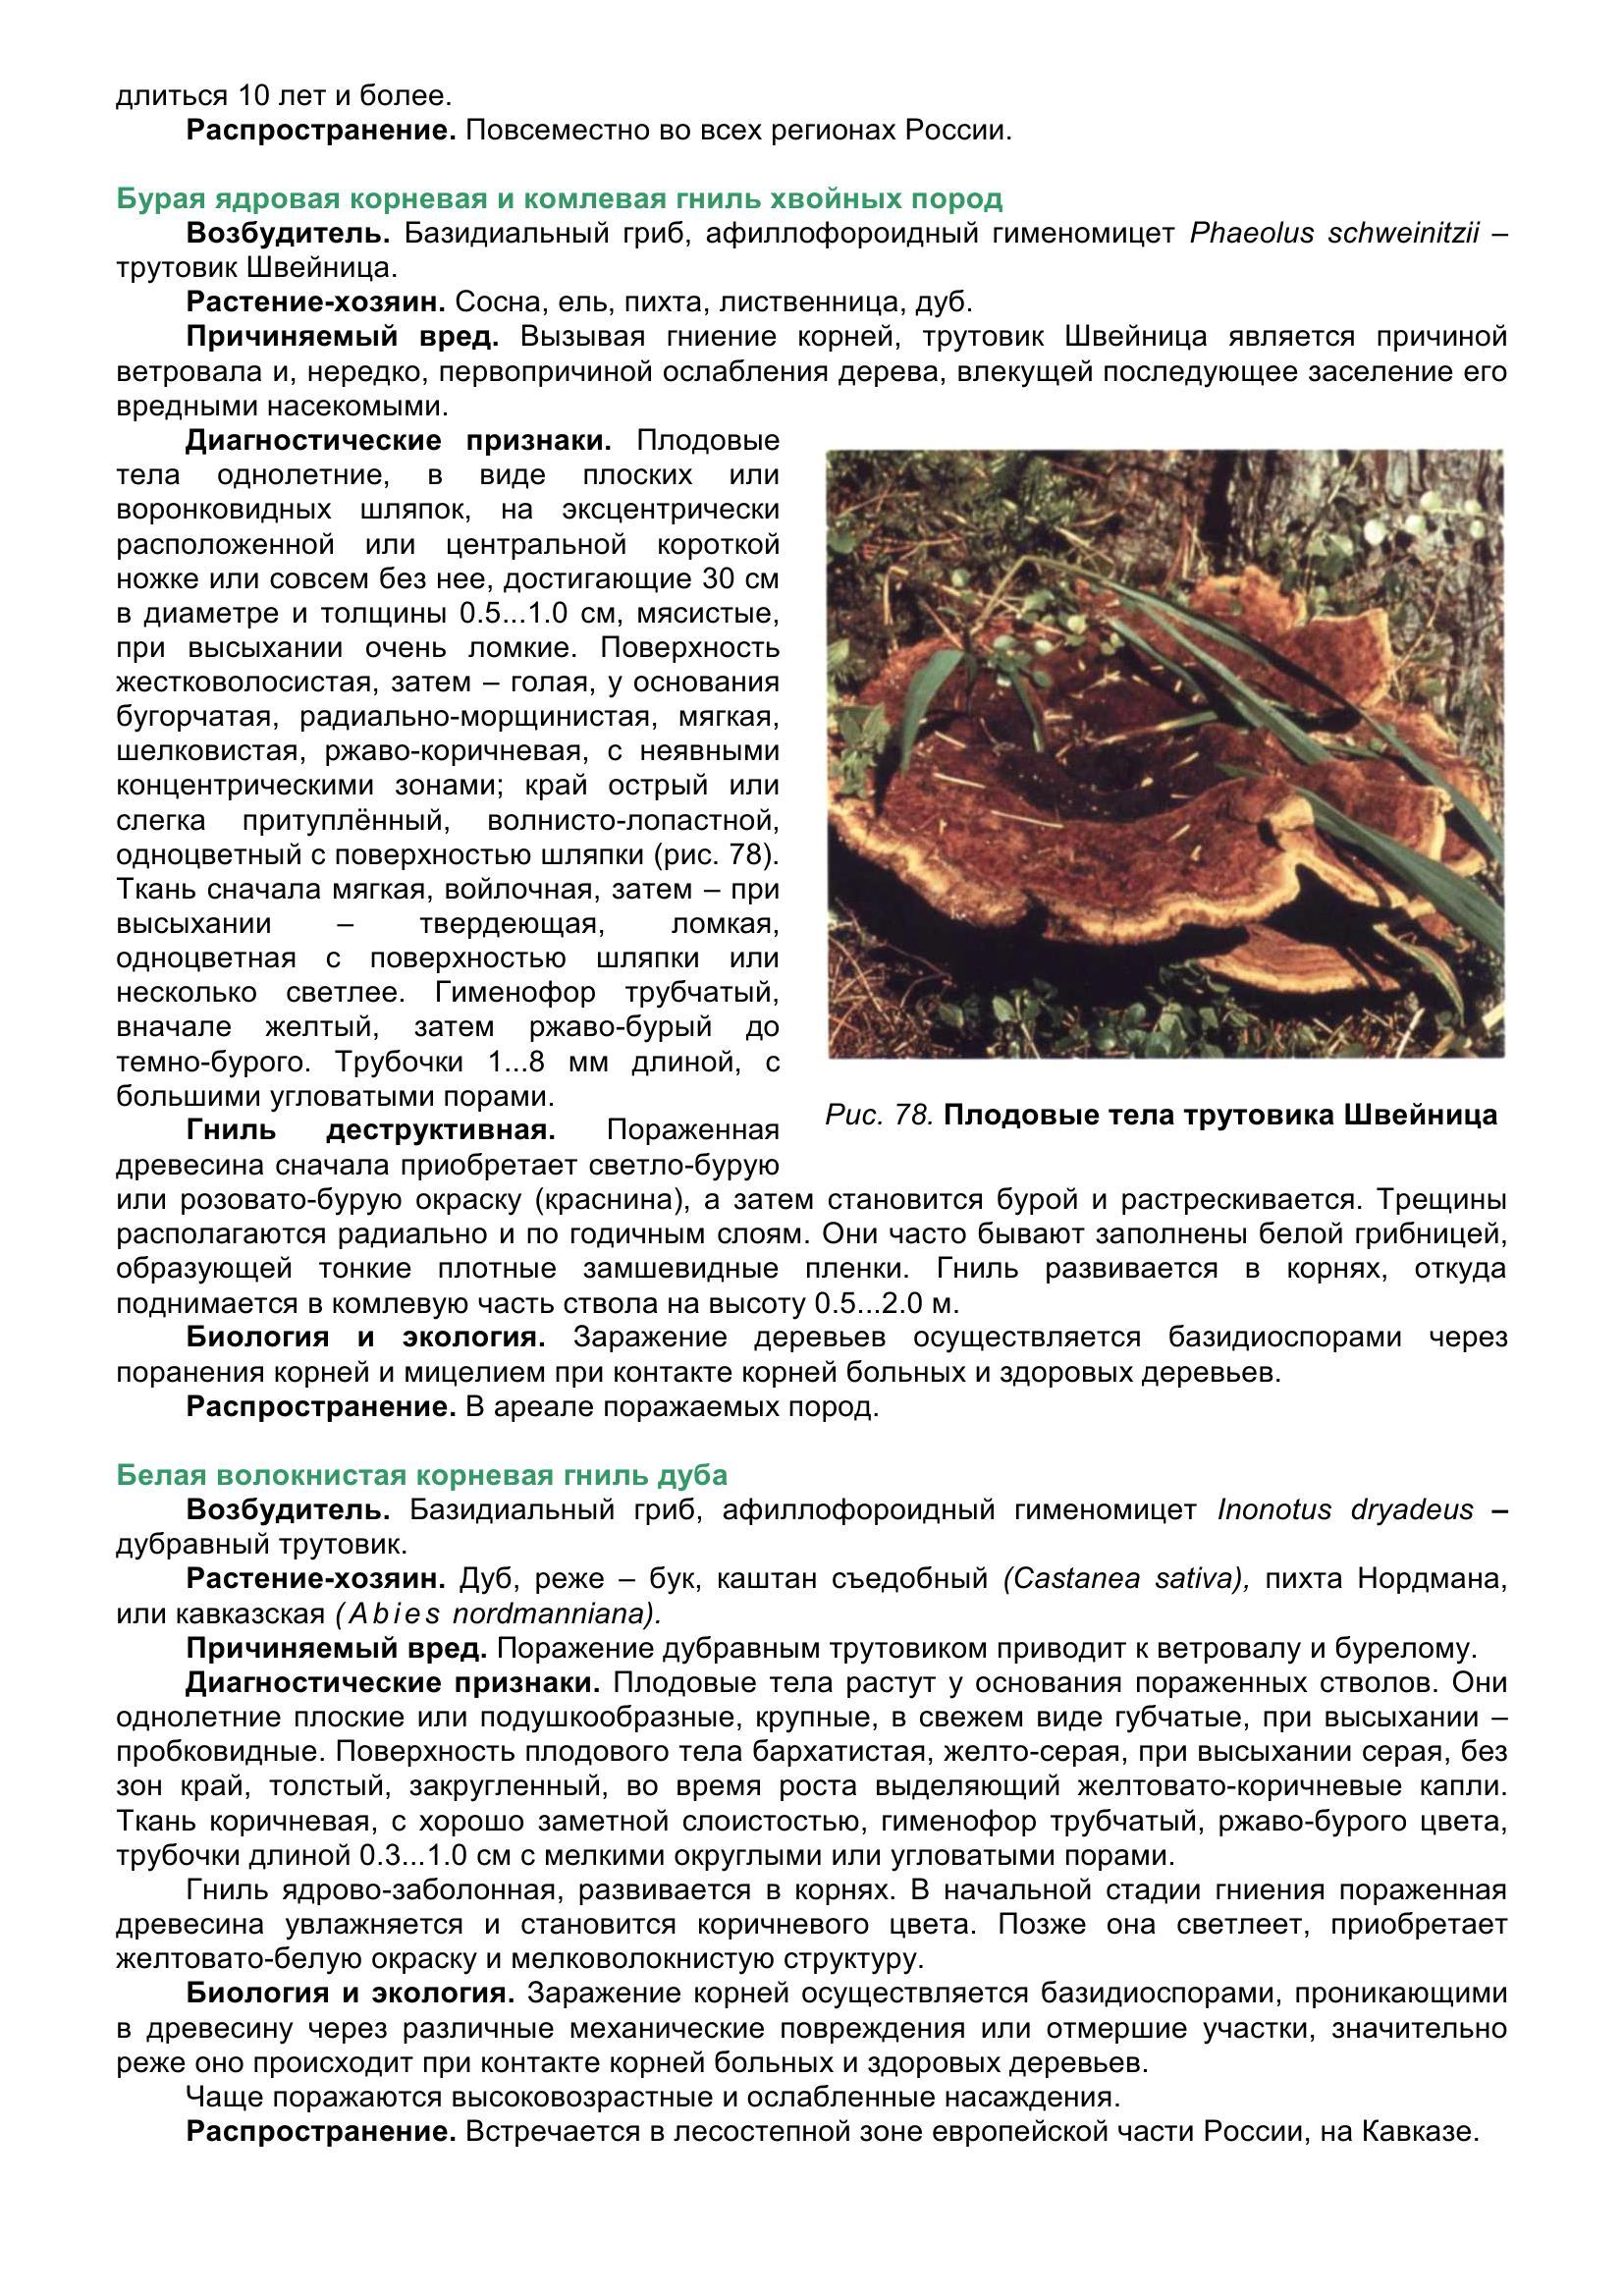 Болезни_древесных_растений_091.jpg